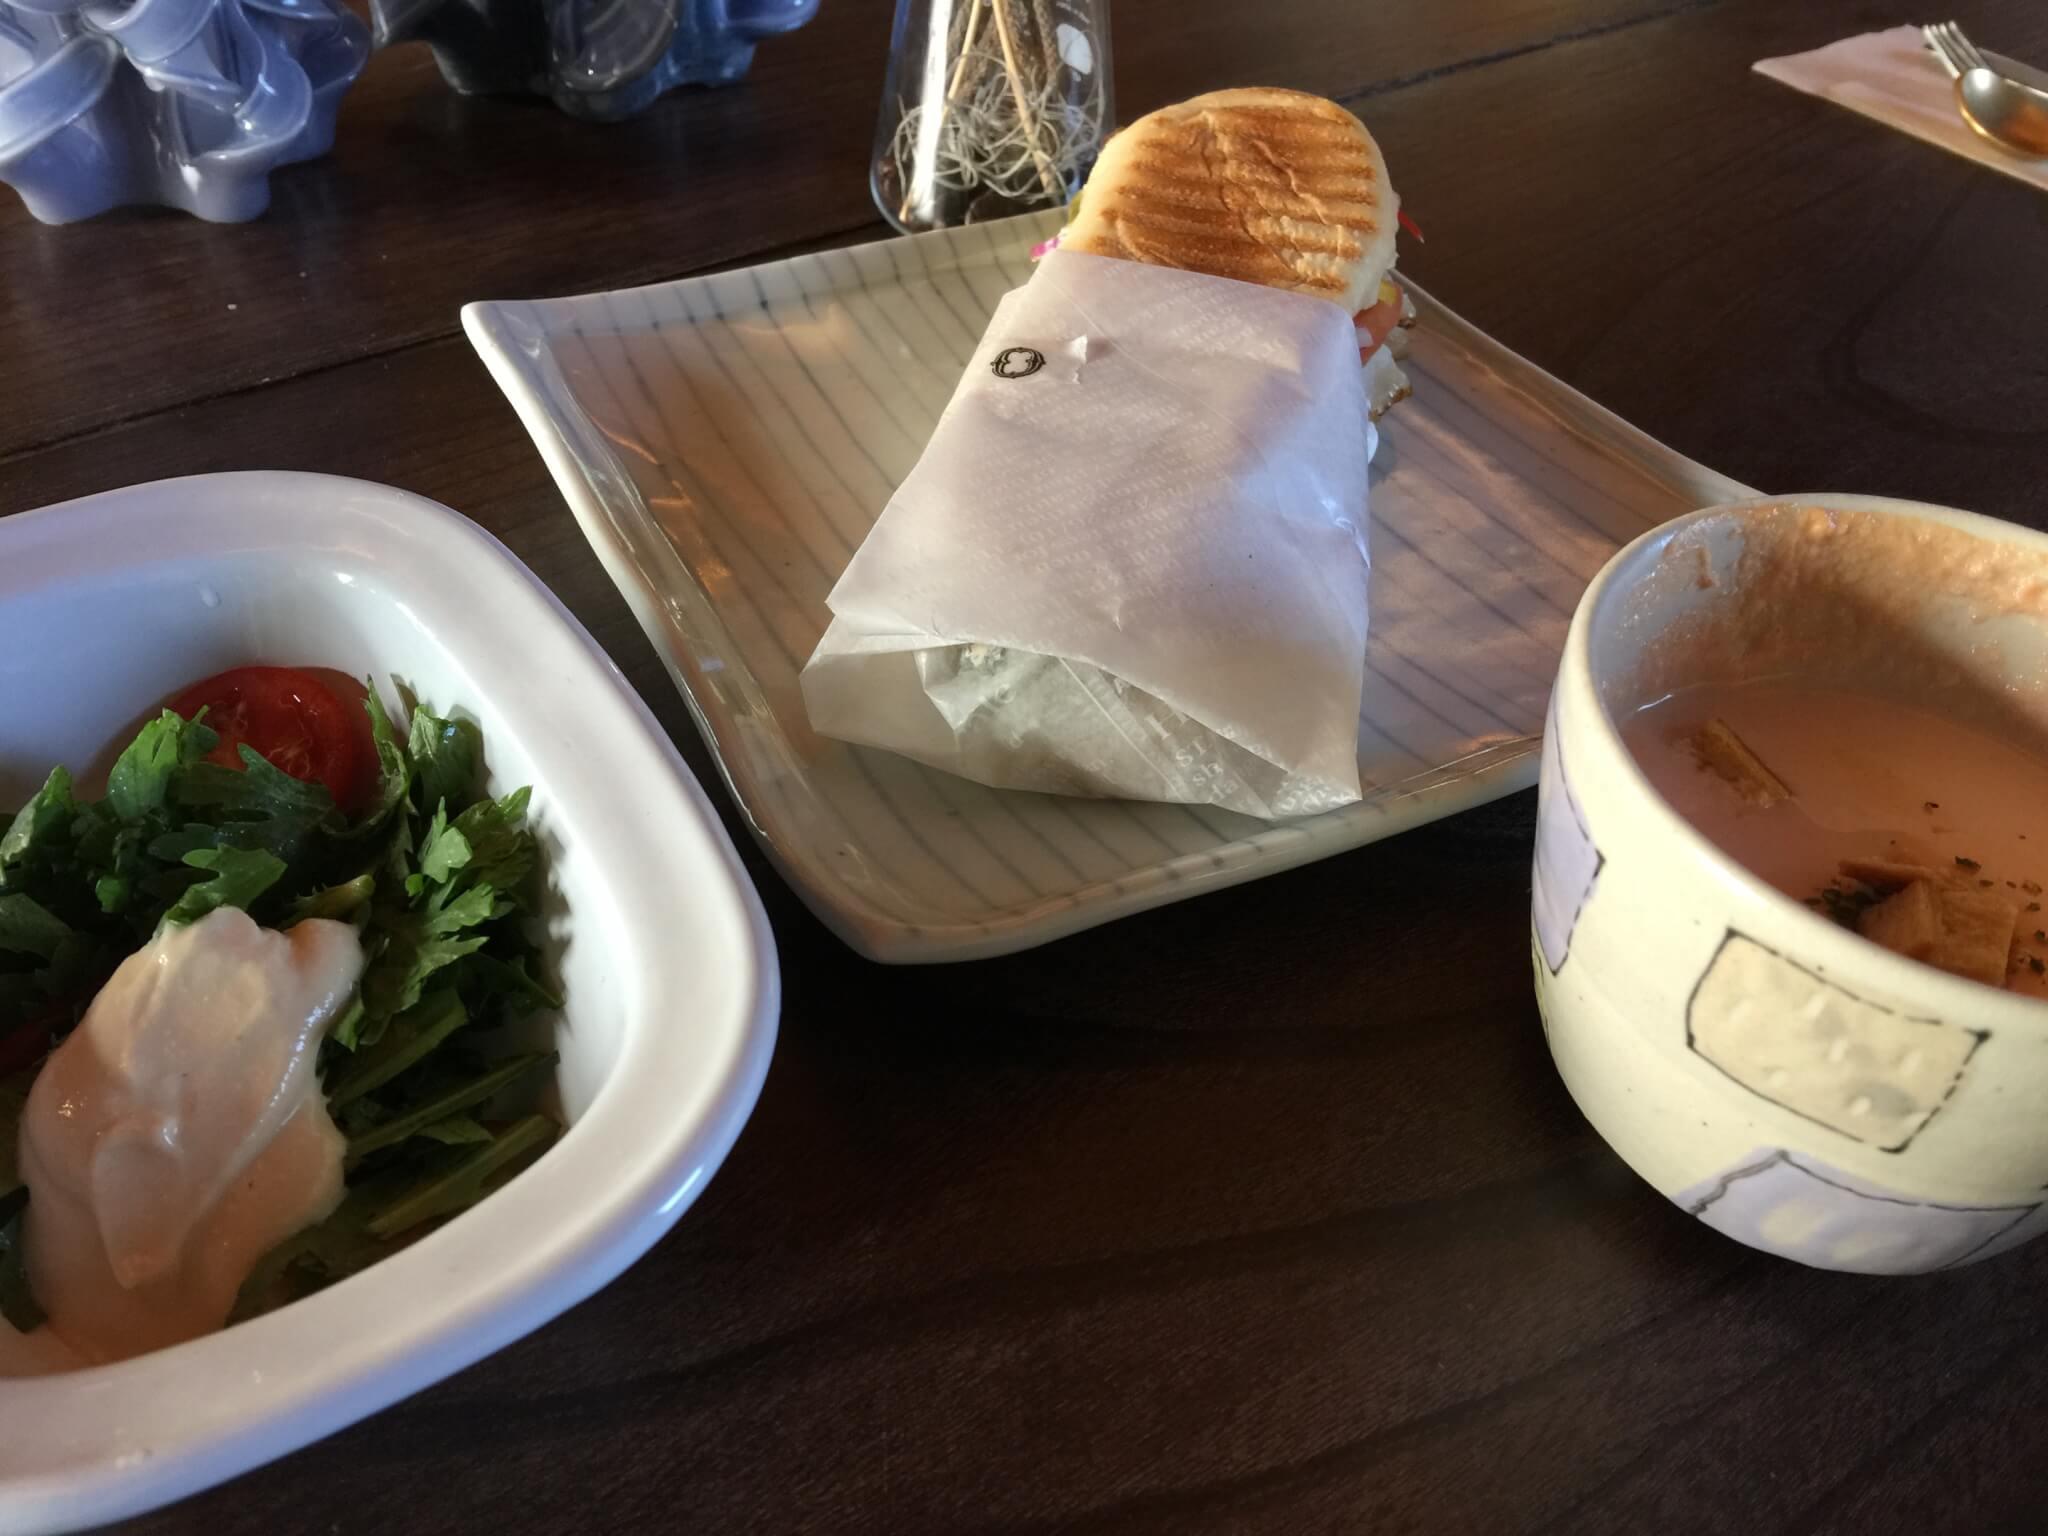 ゲストハウス・ナマケモノ(namecameono)で食べる朝食